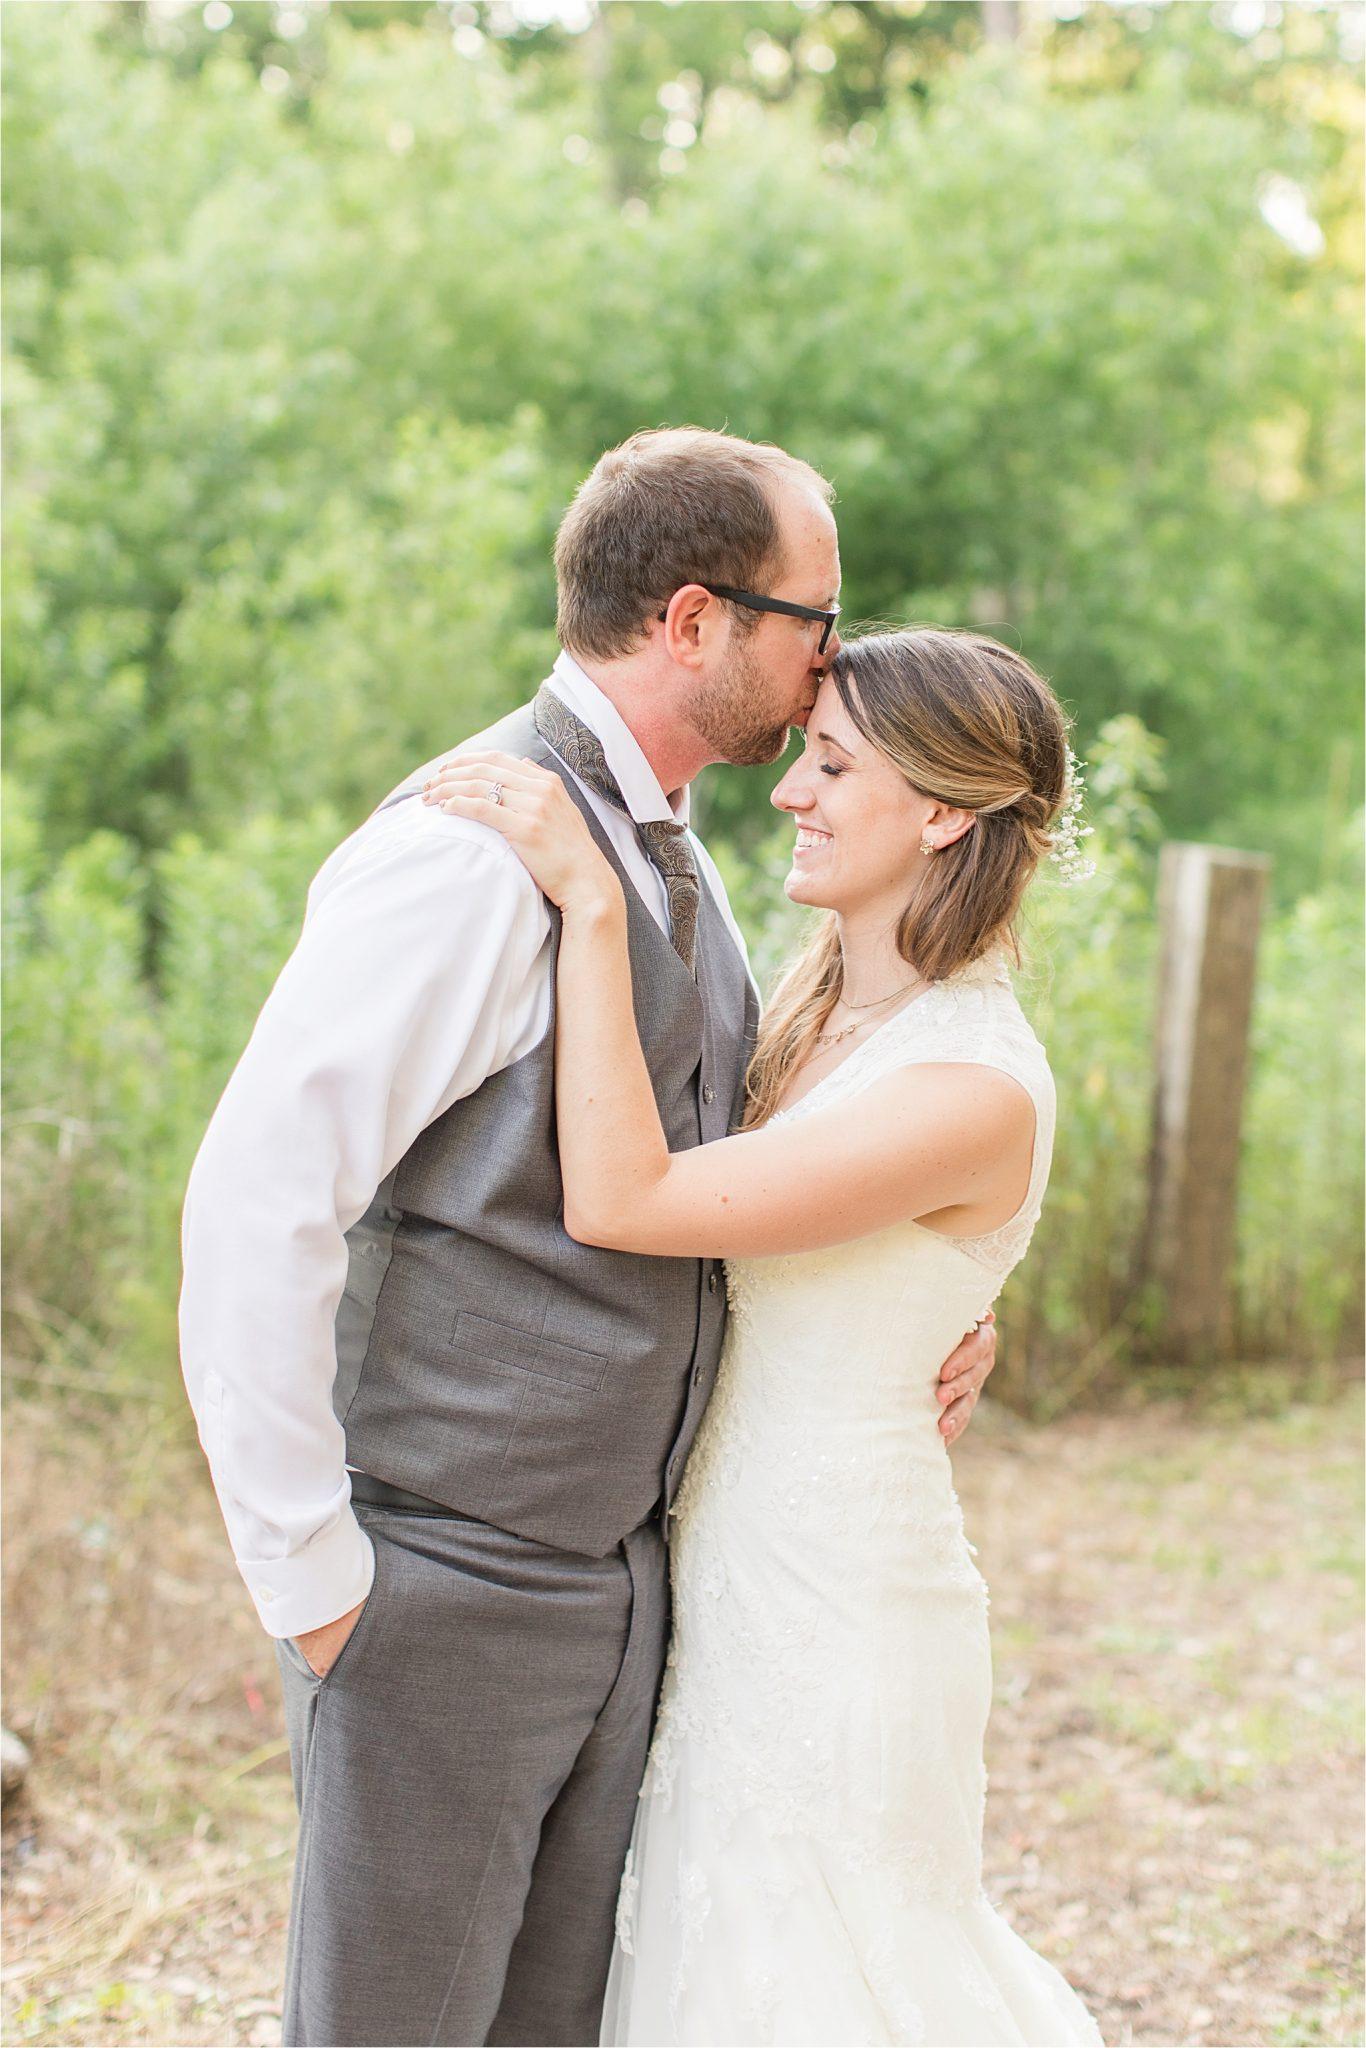 Precious bride and groom shots-photos-grey groomsmen suit-vest-bride and groom